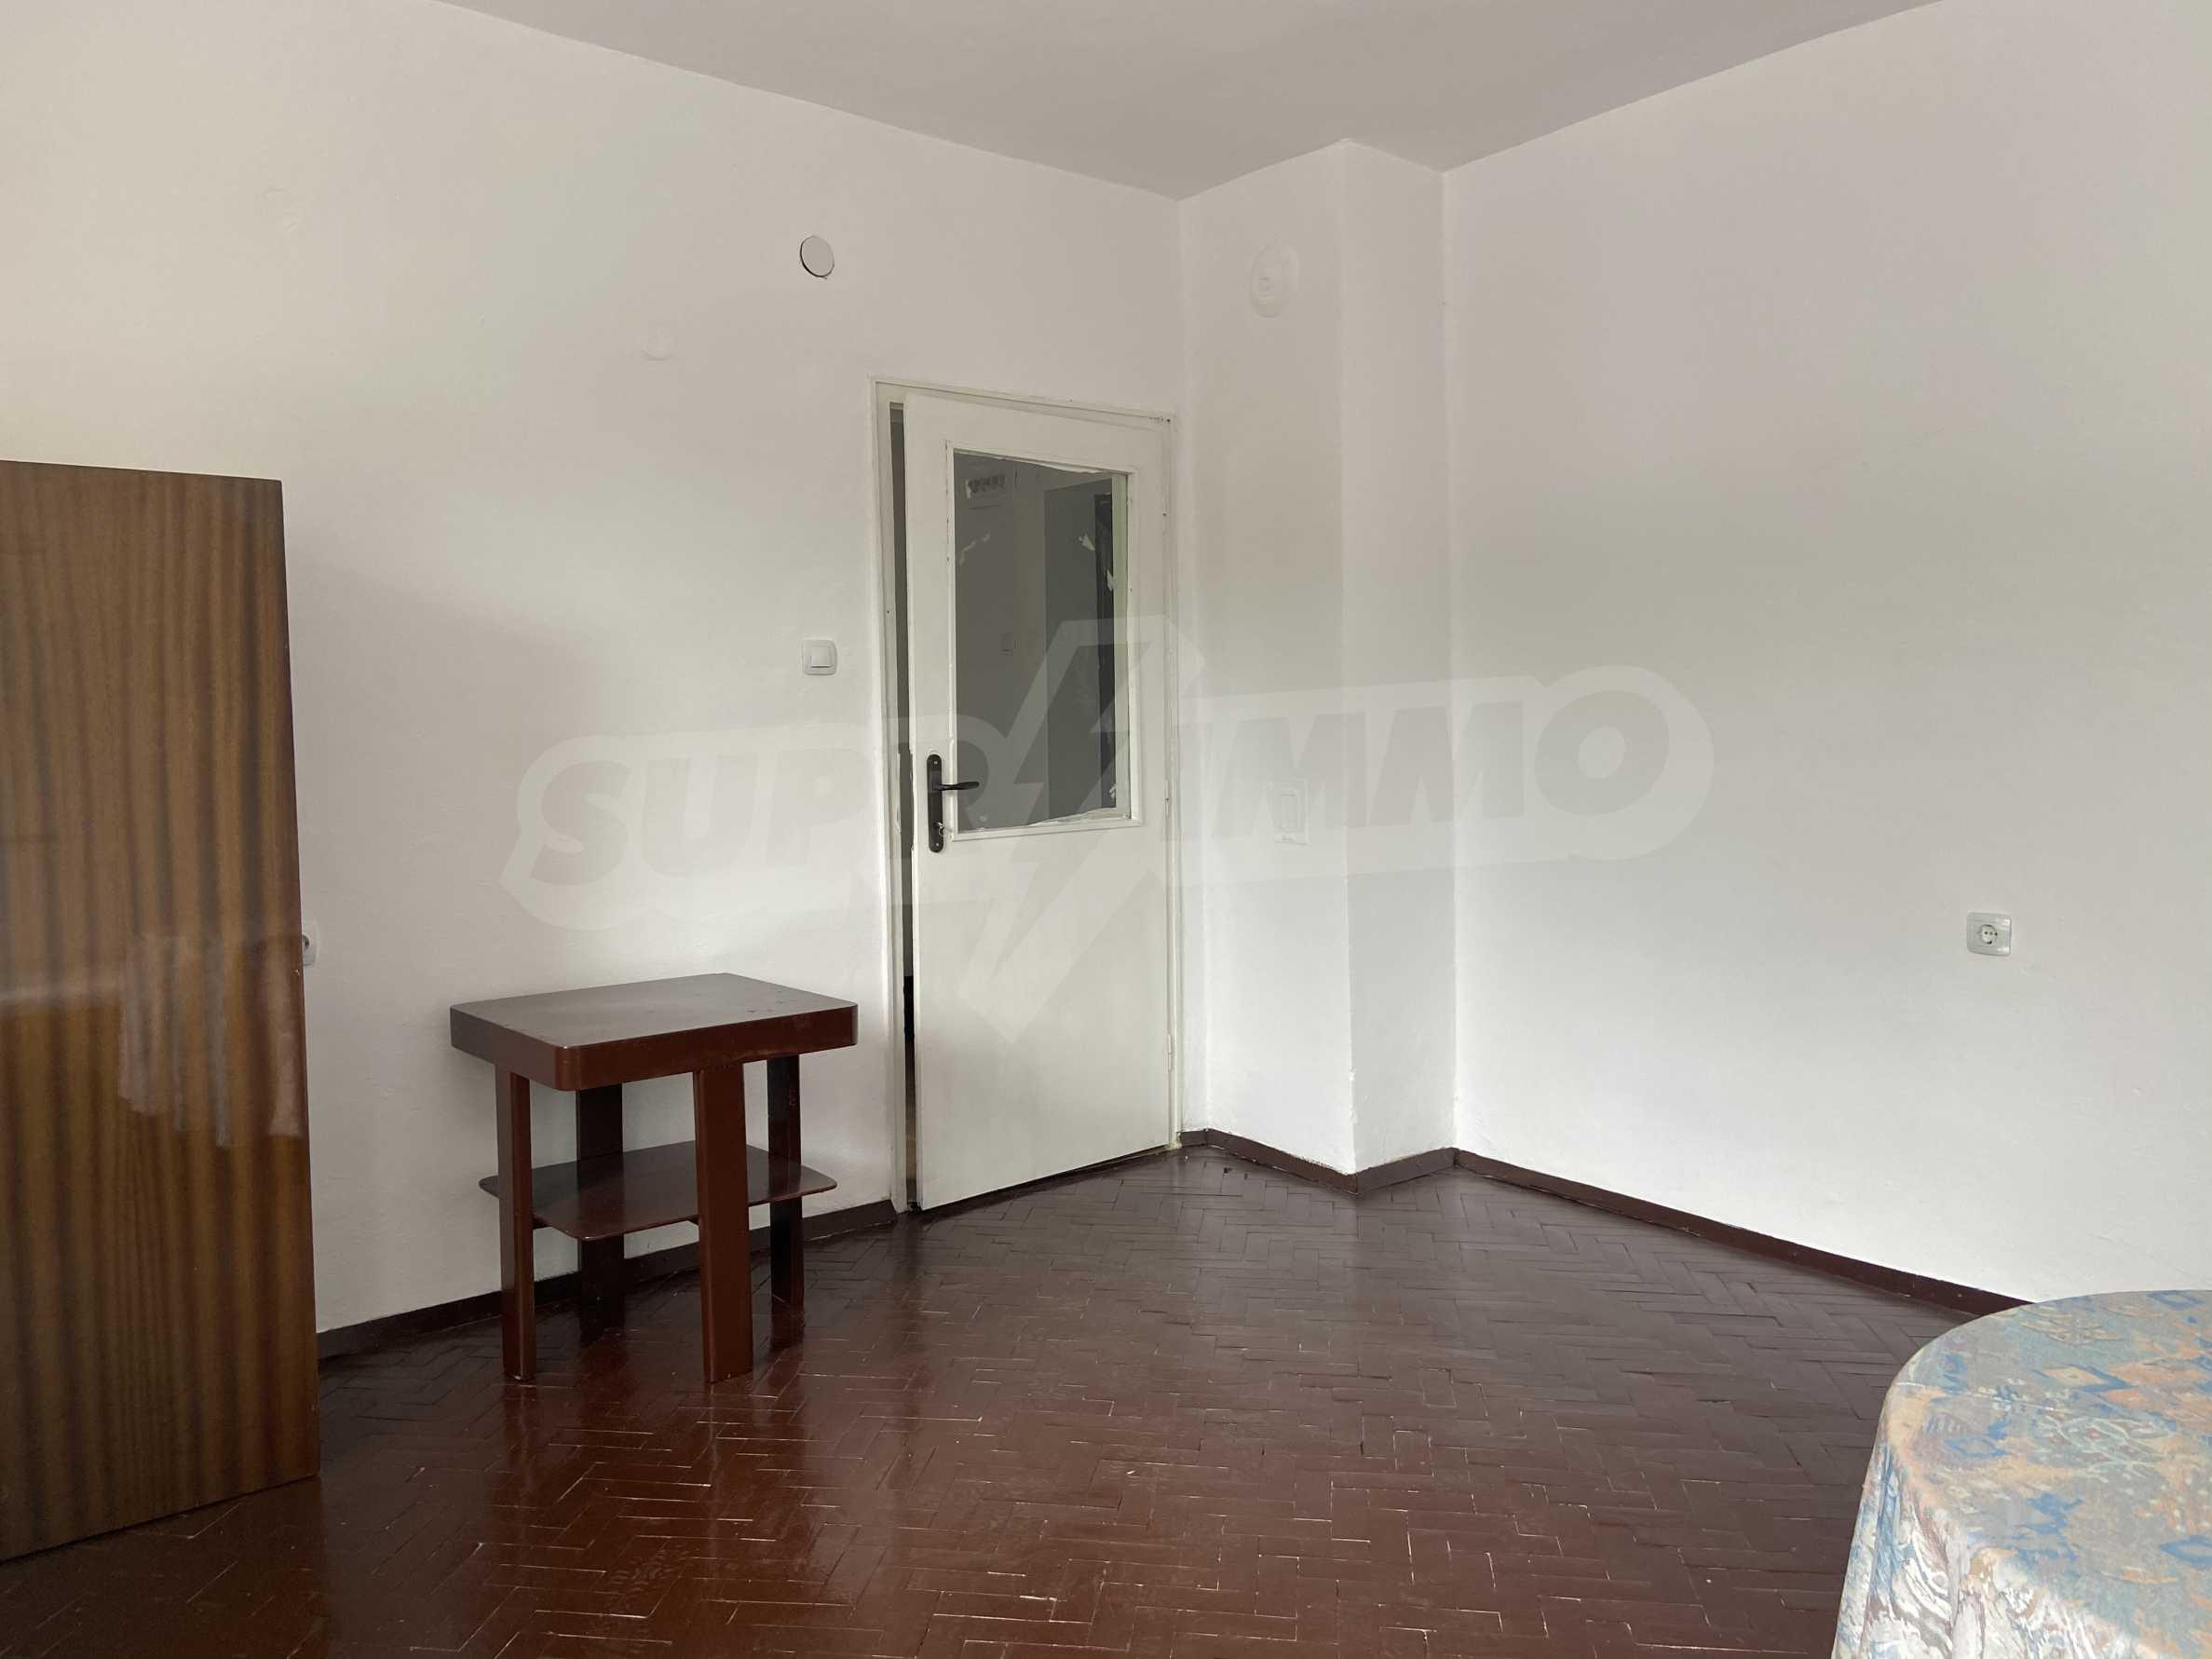 Тристаен апартамент в близост до центъра на Банско 4